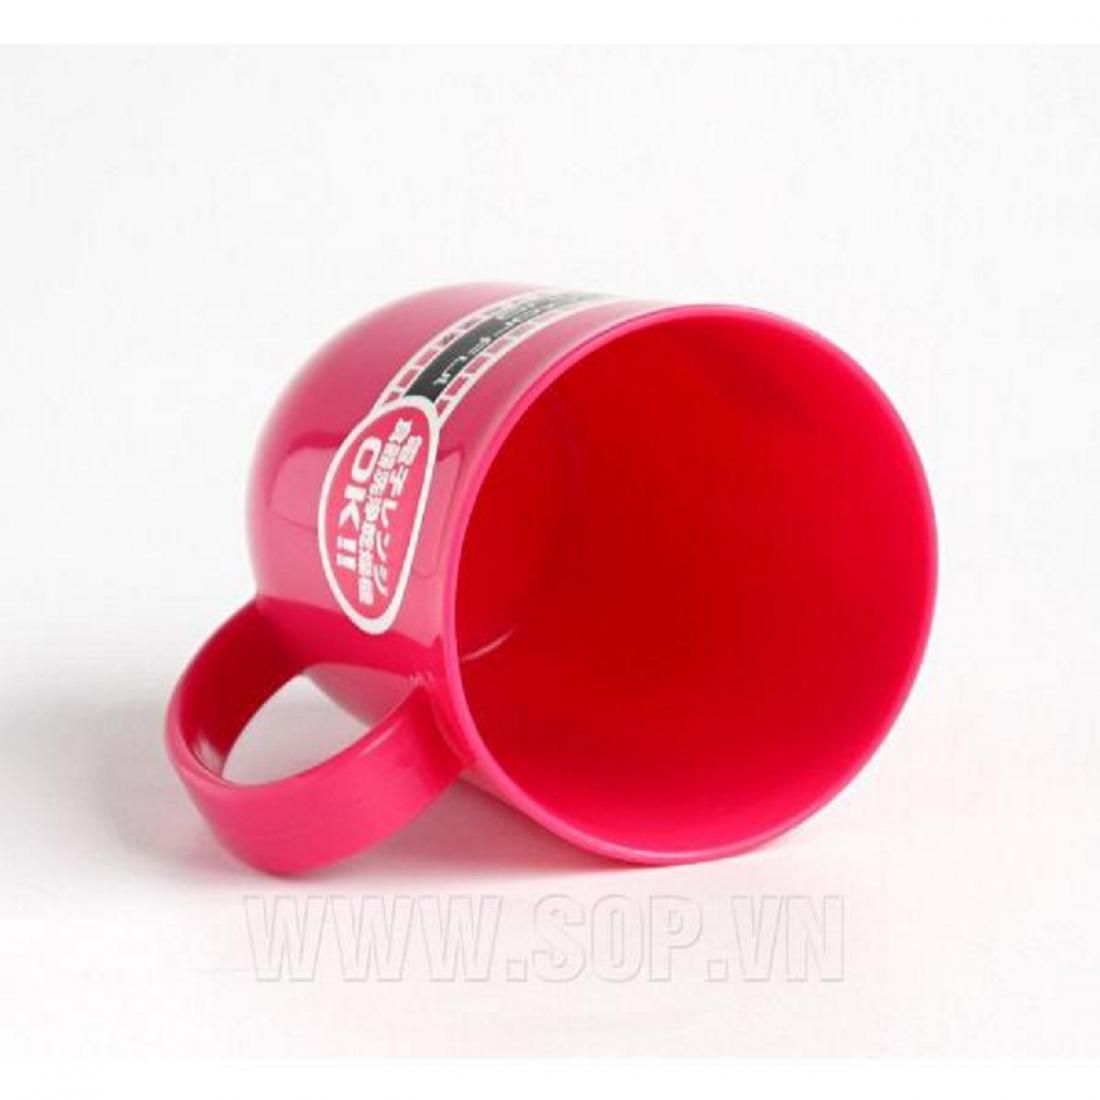 Cốc có quai không nắp 300ml - Màu hồng-Thế giới đồ gia dụng HMD